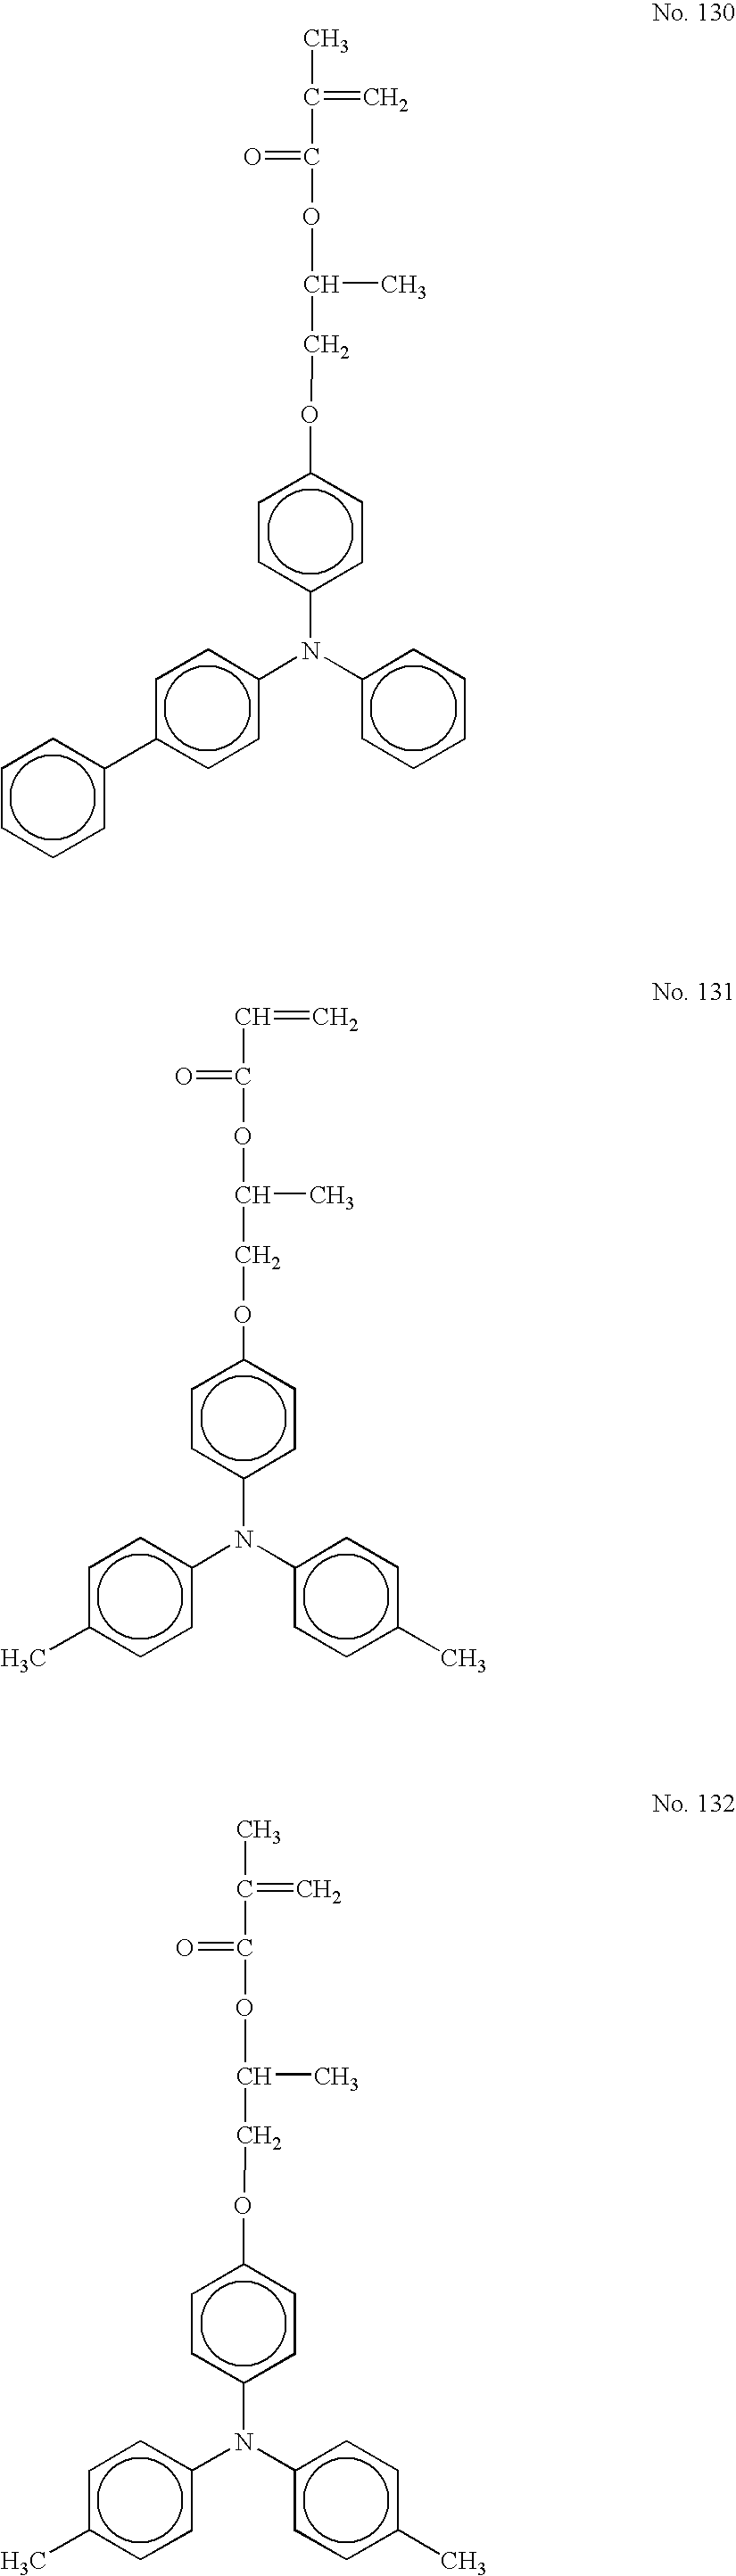 Figure US20040253527A1-20041216-C00058